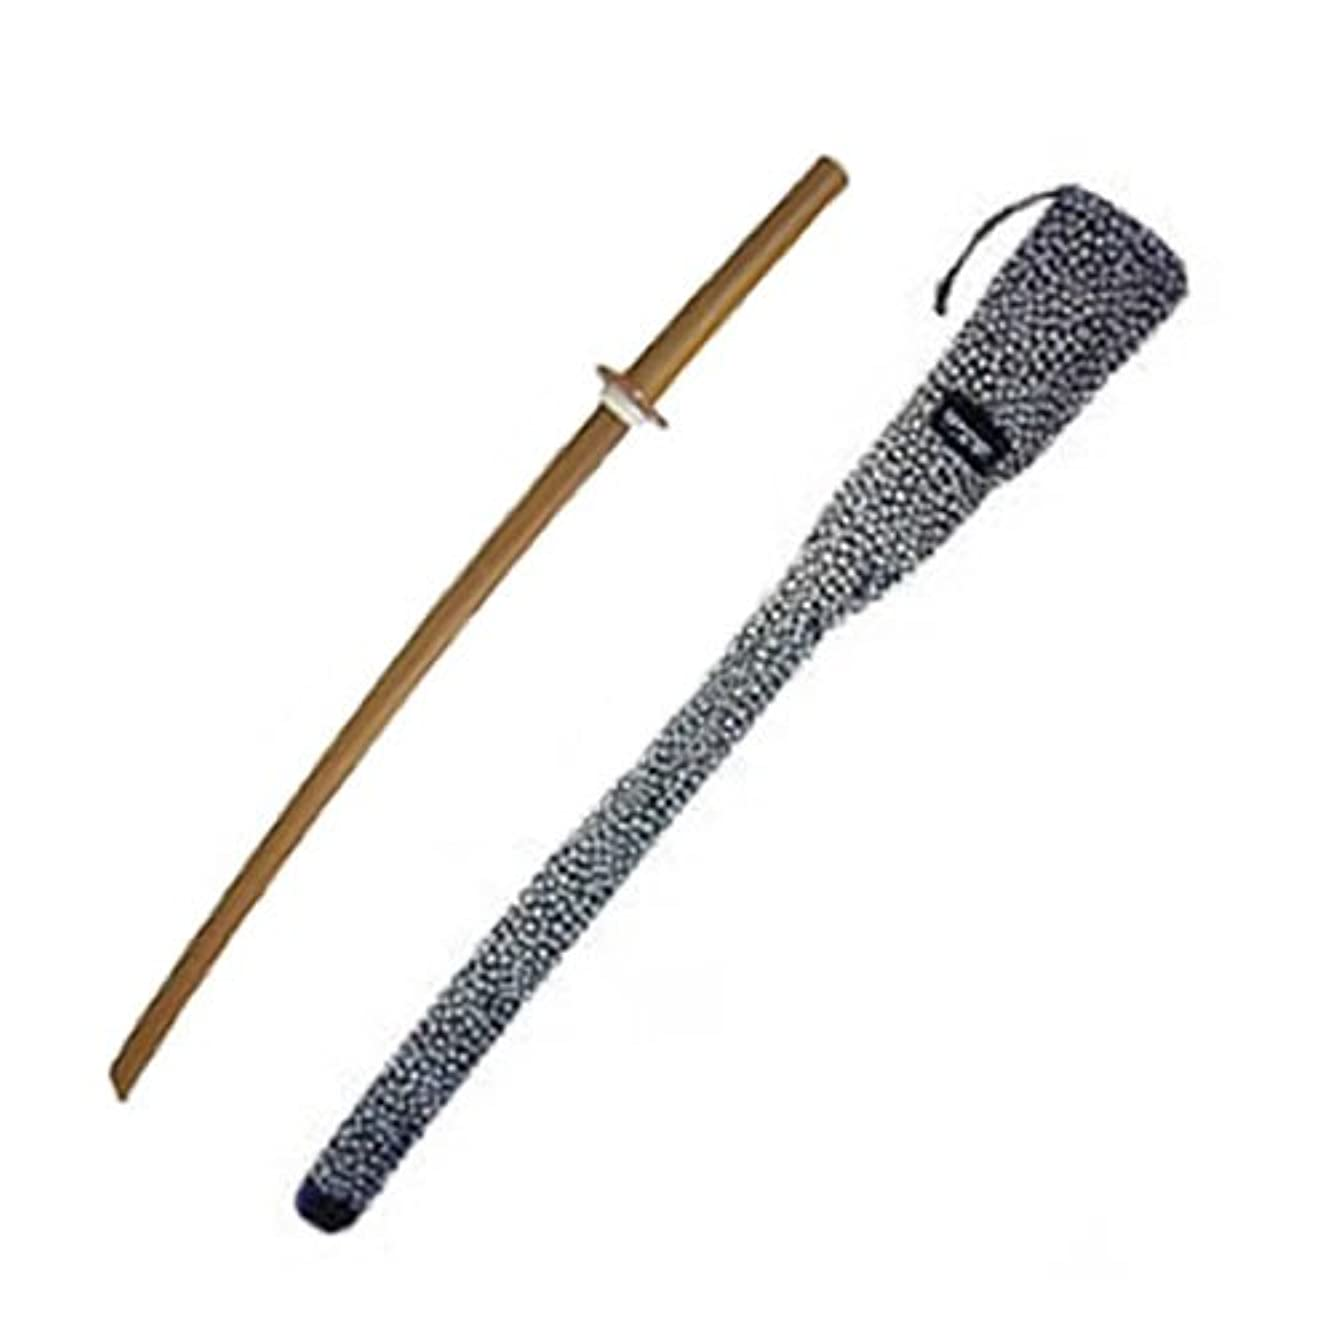 クロールローマ人ポーチ木刀 紫黒タン木刀(大刀)+木刀袋小桜帆布1本入セット ツバ?ツバ止め付